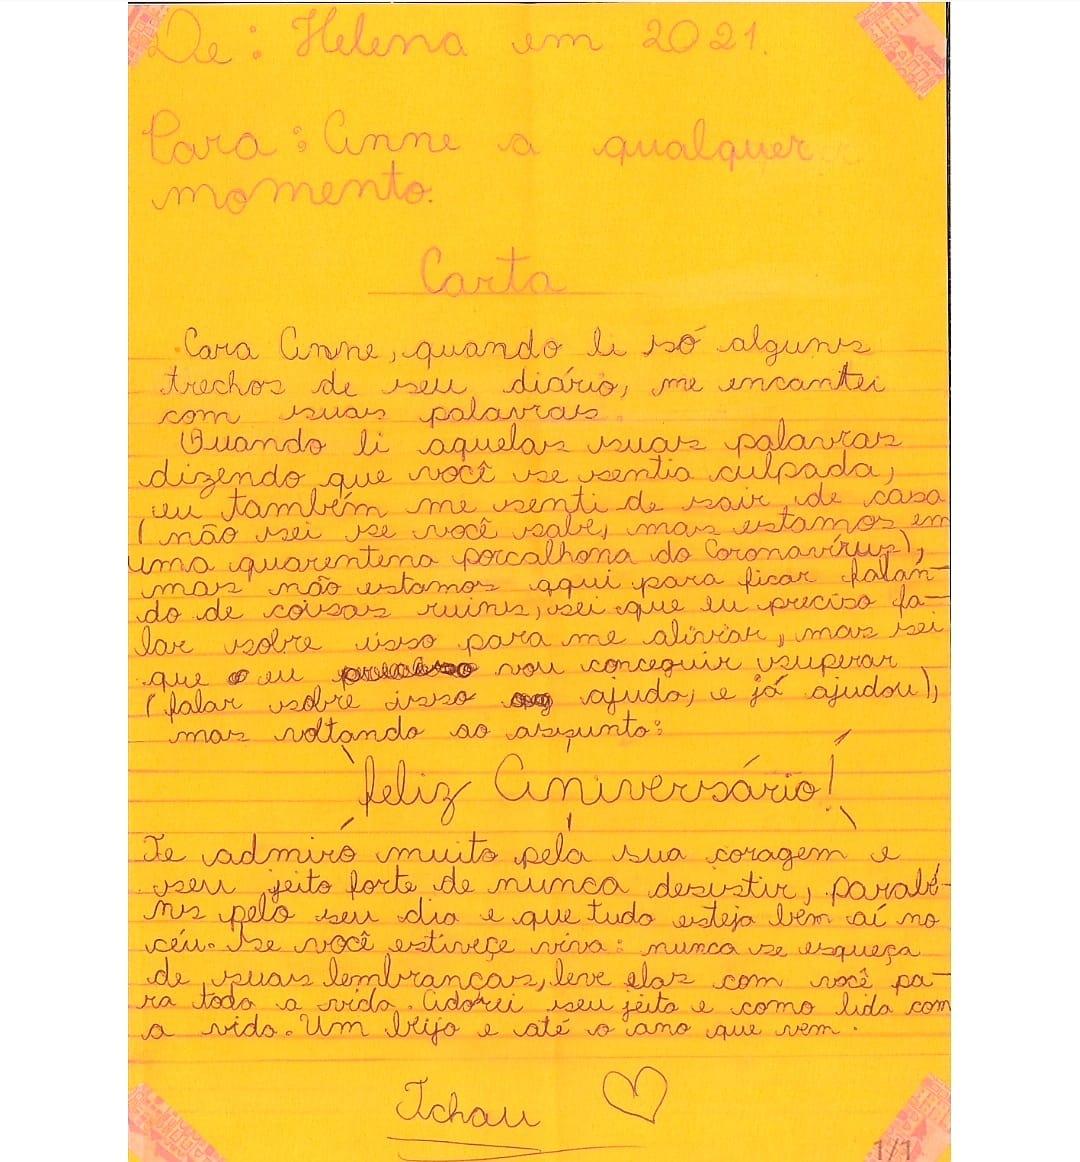 Wagner Rengel: Cartas de Amor